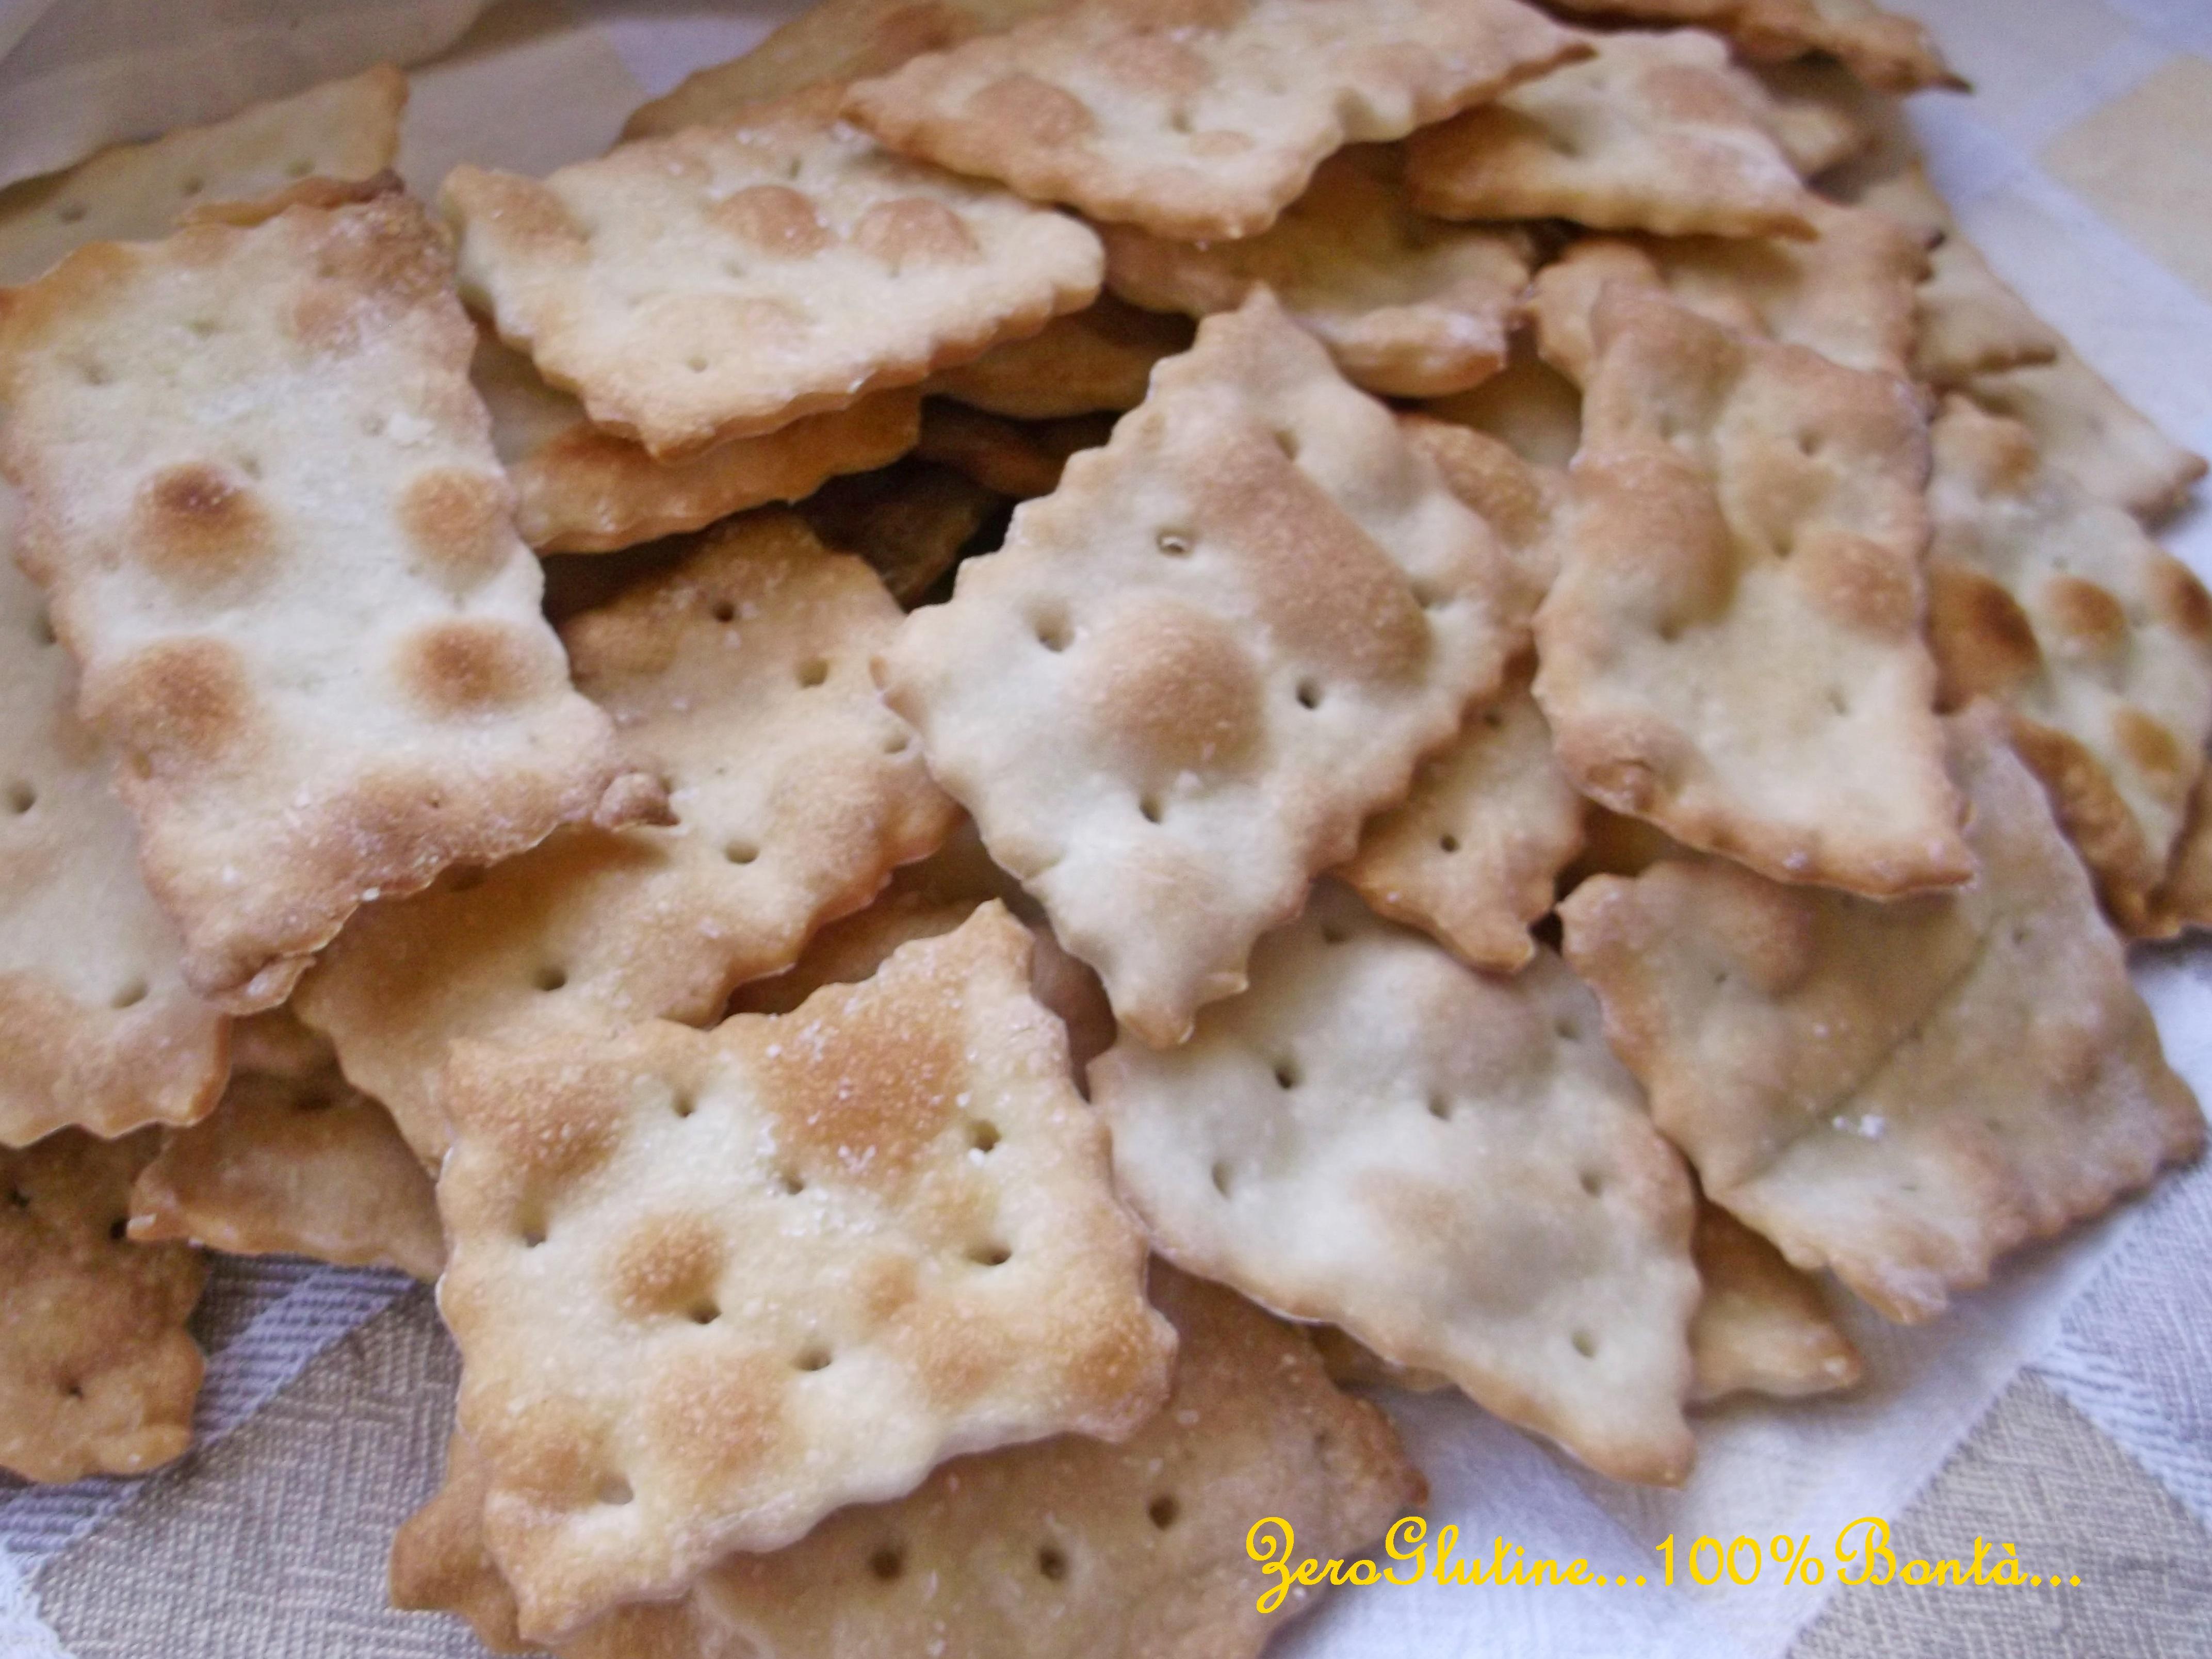 Ricette senza glutine on flipboard by anna bertoldo